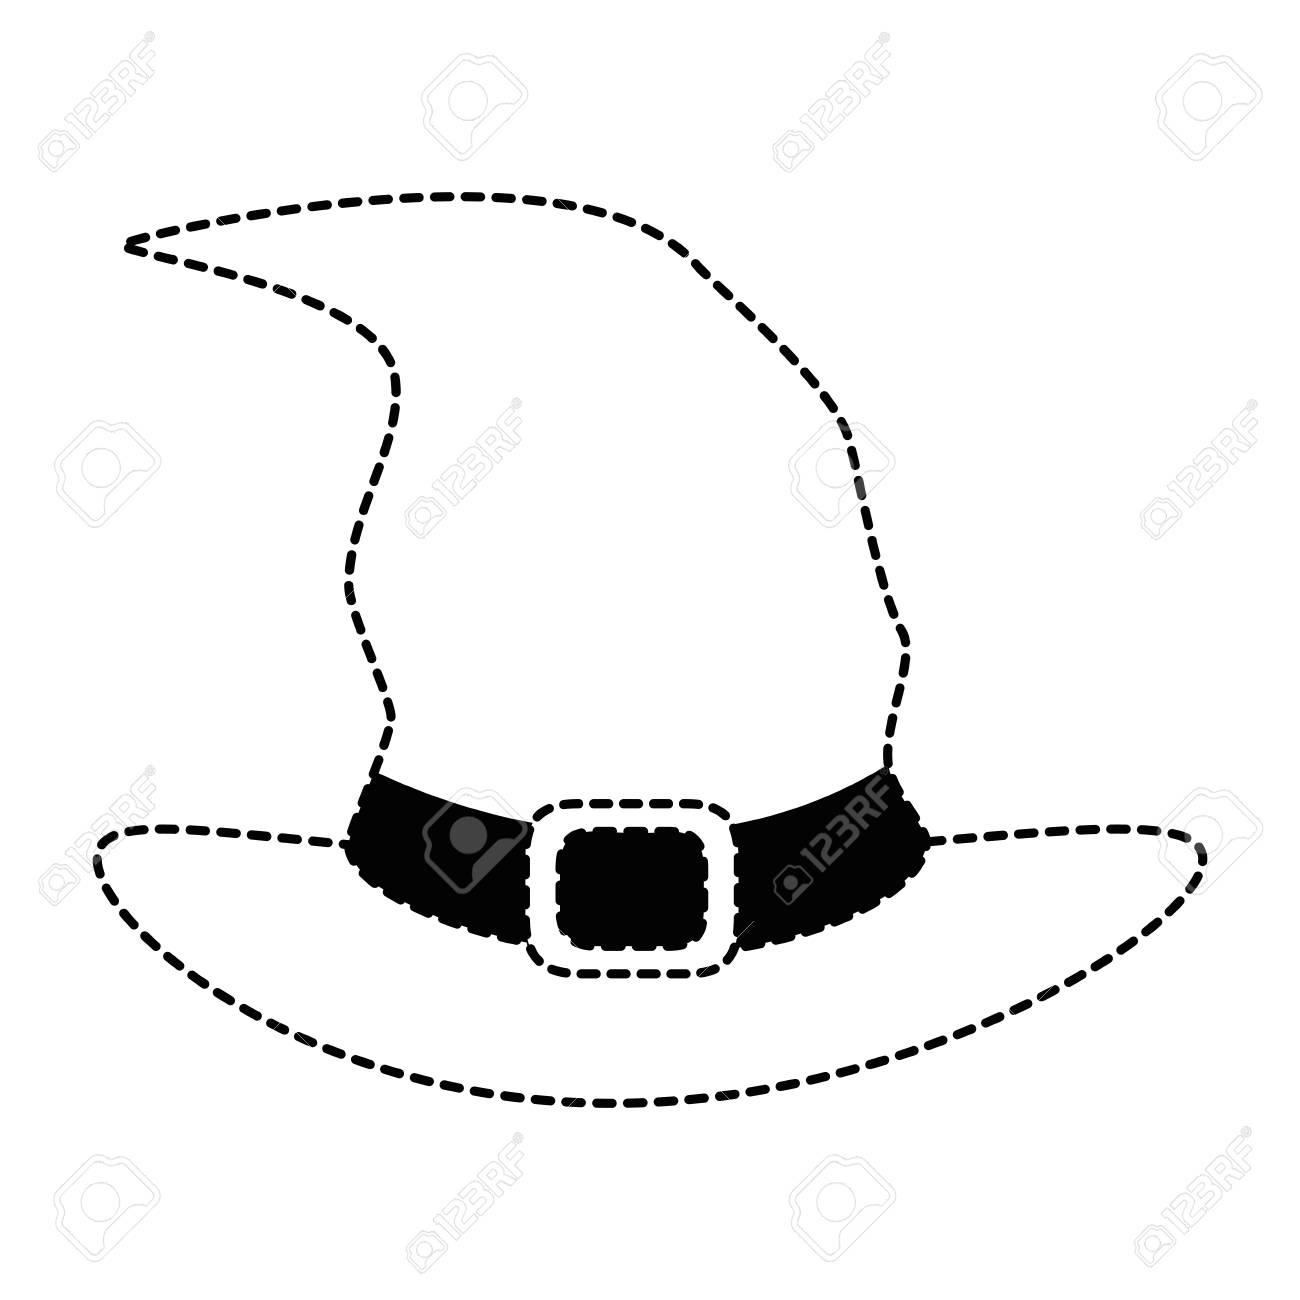 Chapeau De Sorcière Isolé Icône Dessin De Vecteur D Illustration